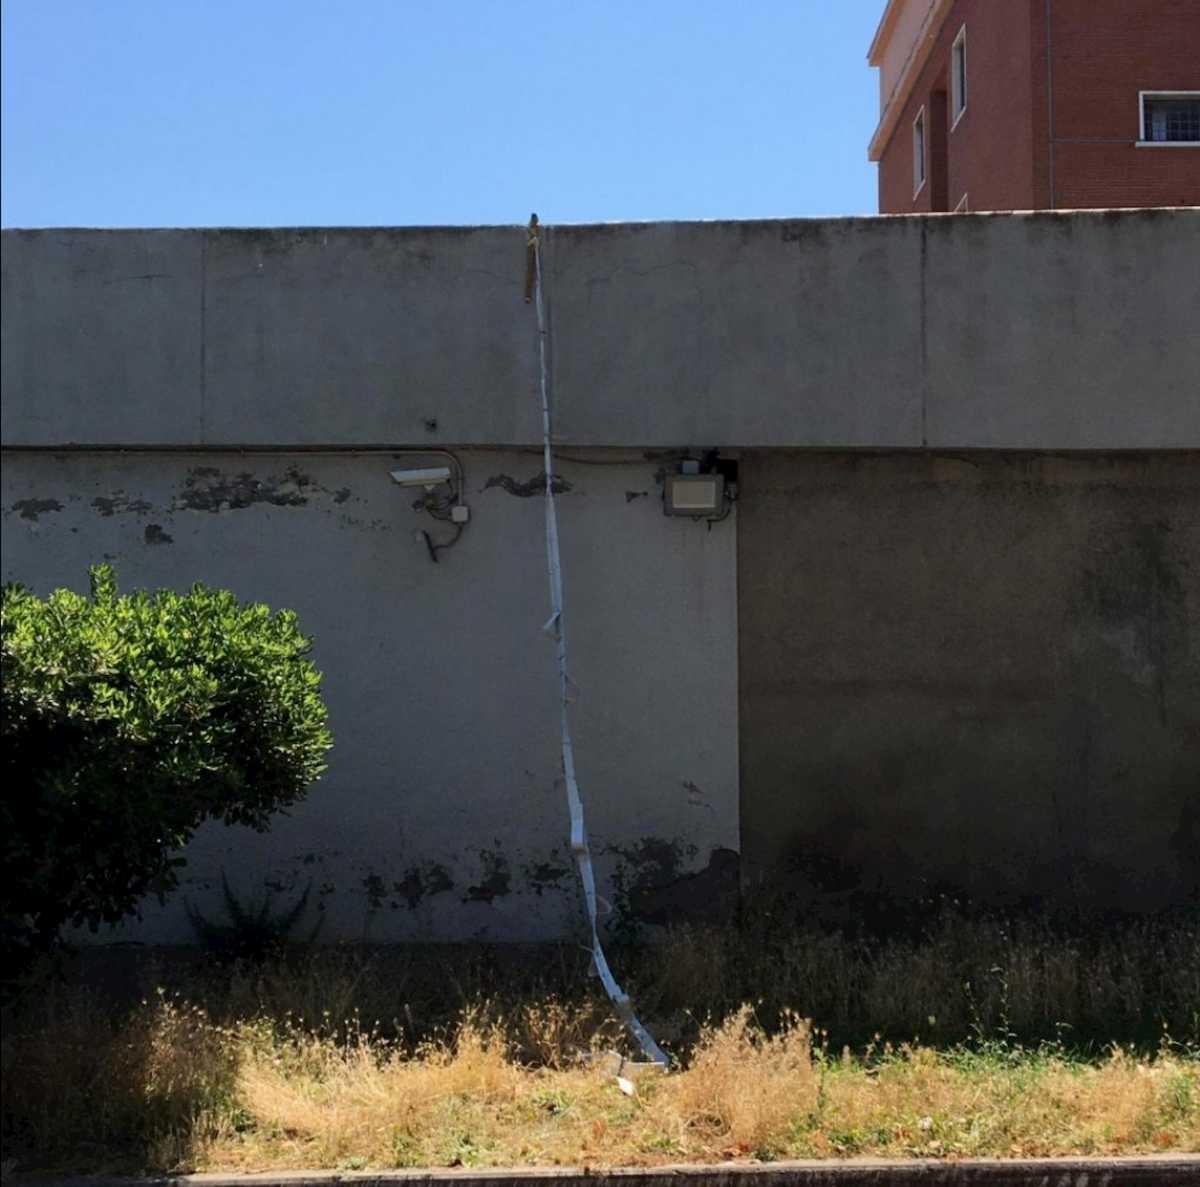 Evasione dal carcere di Rebibbia (Roma): due rom in fuga dopo aver scavalcato il muro di cinta 01